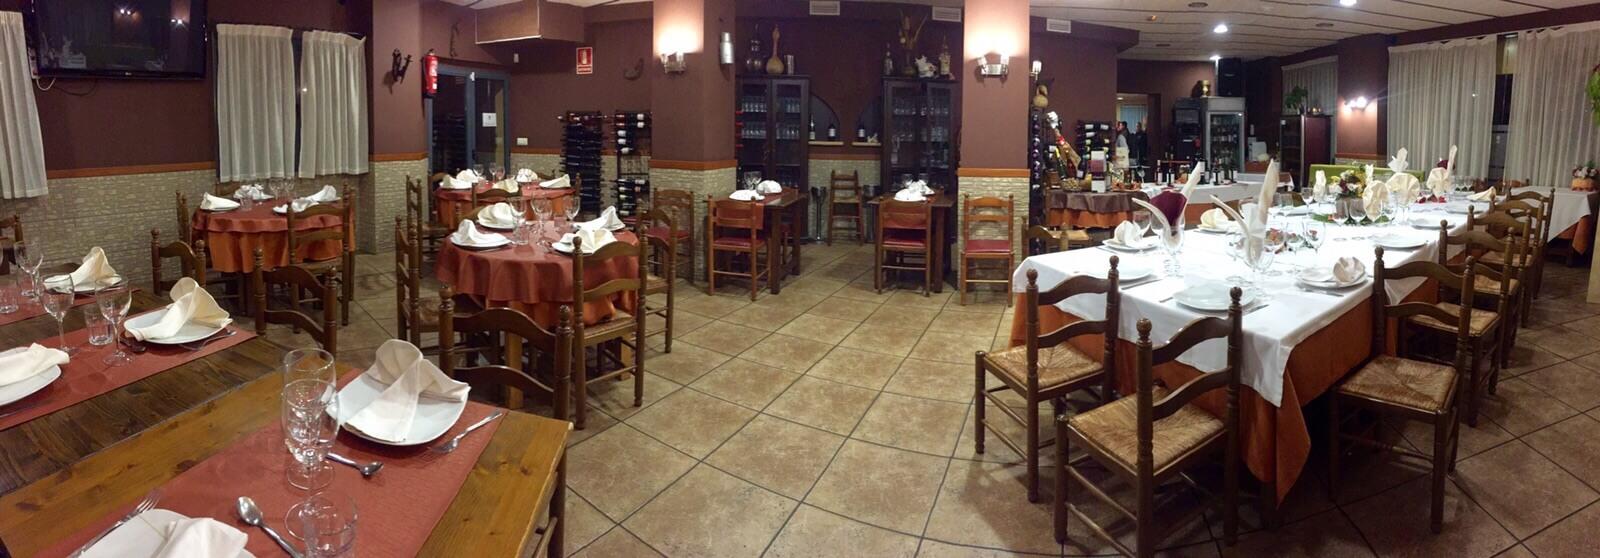 lavaqueria-restaurante-salon-09